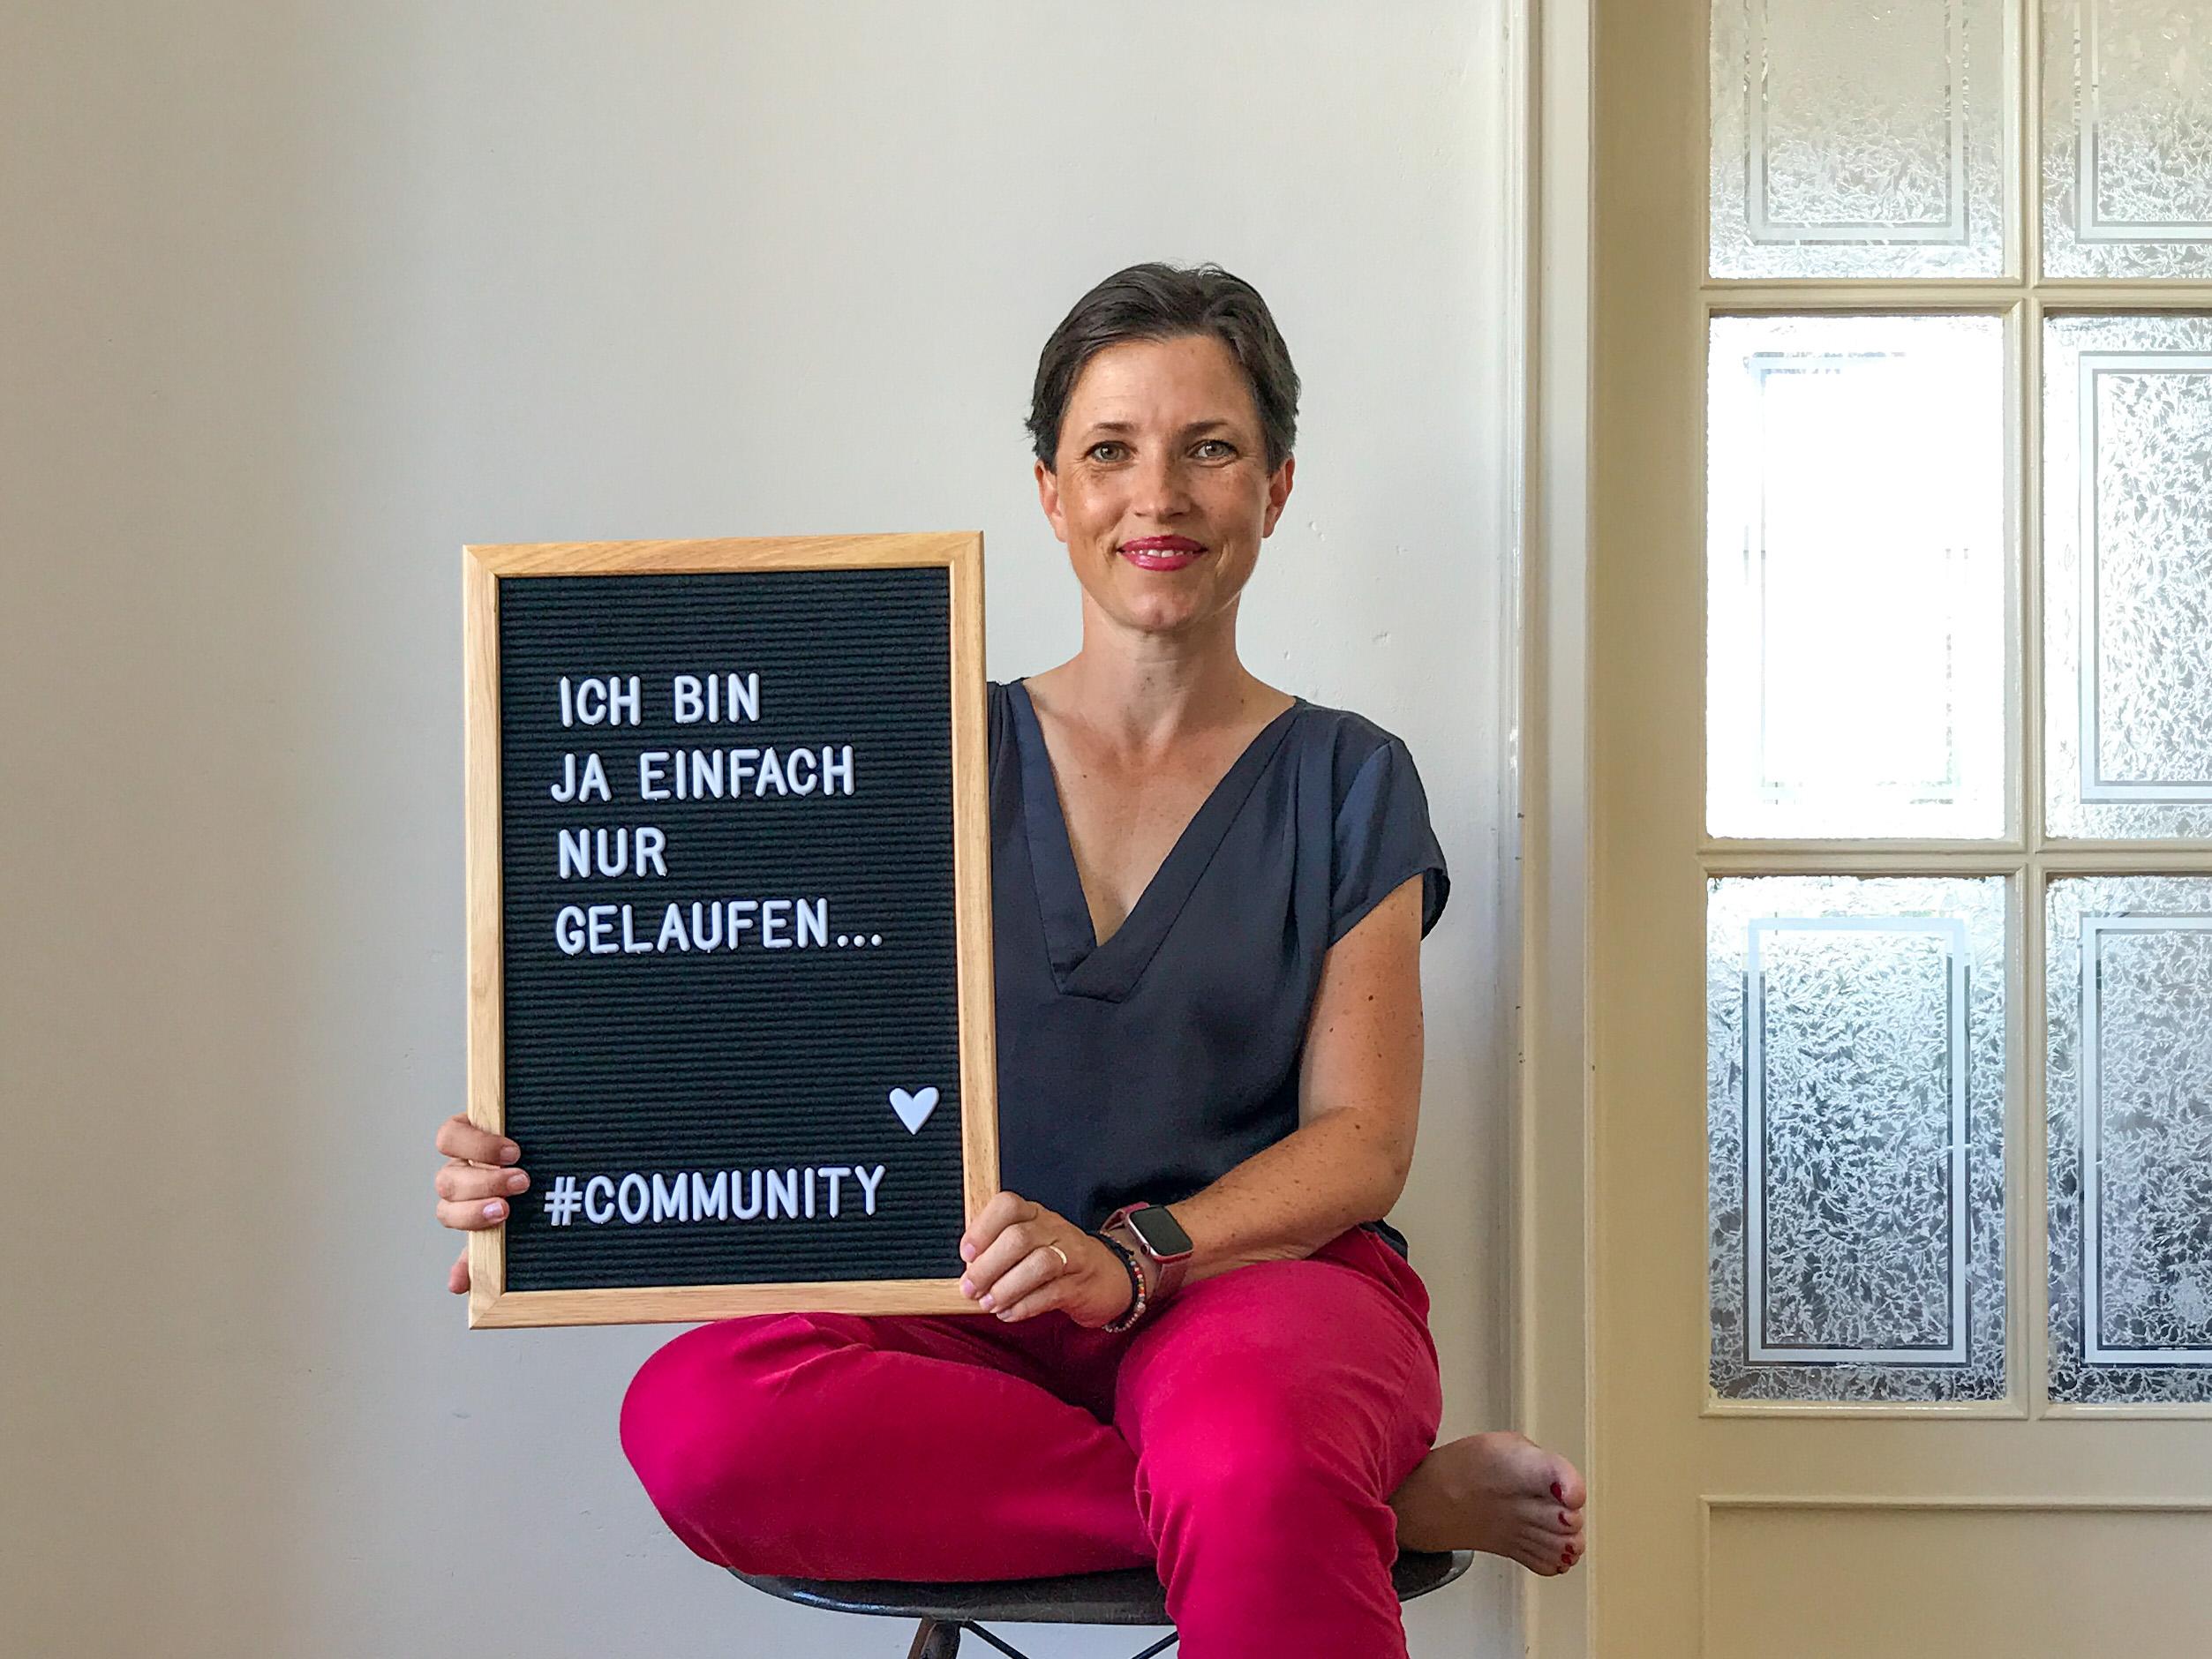 """Sophie sitzend auf einem Stuhl mit Tafel und Text: """"Ich bin ja einfach nur gelaufen... #Community und Herz-Symbol"""""""